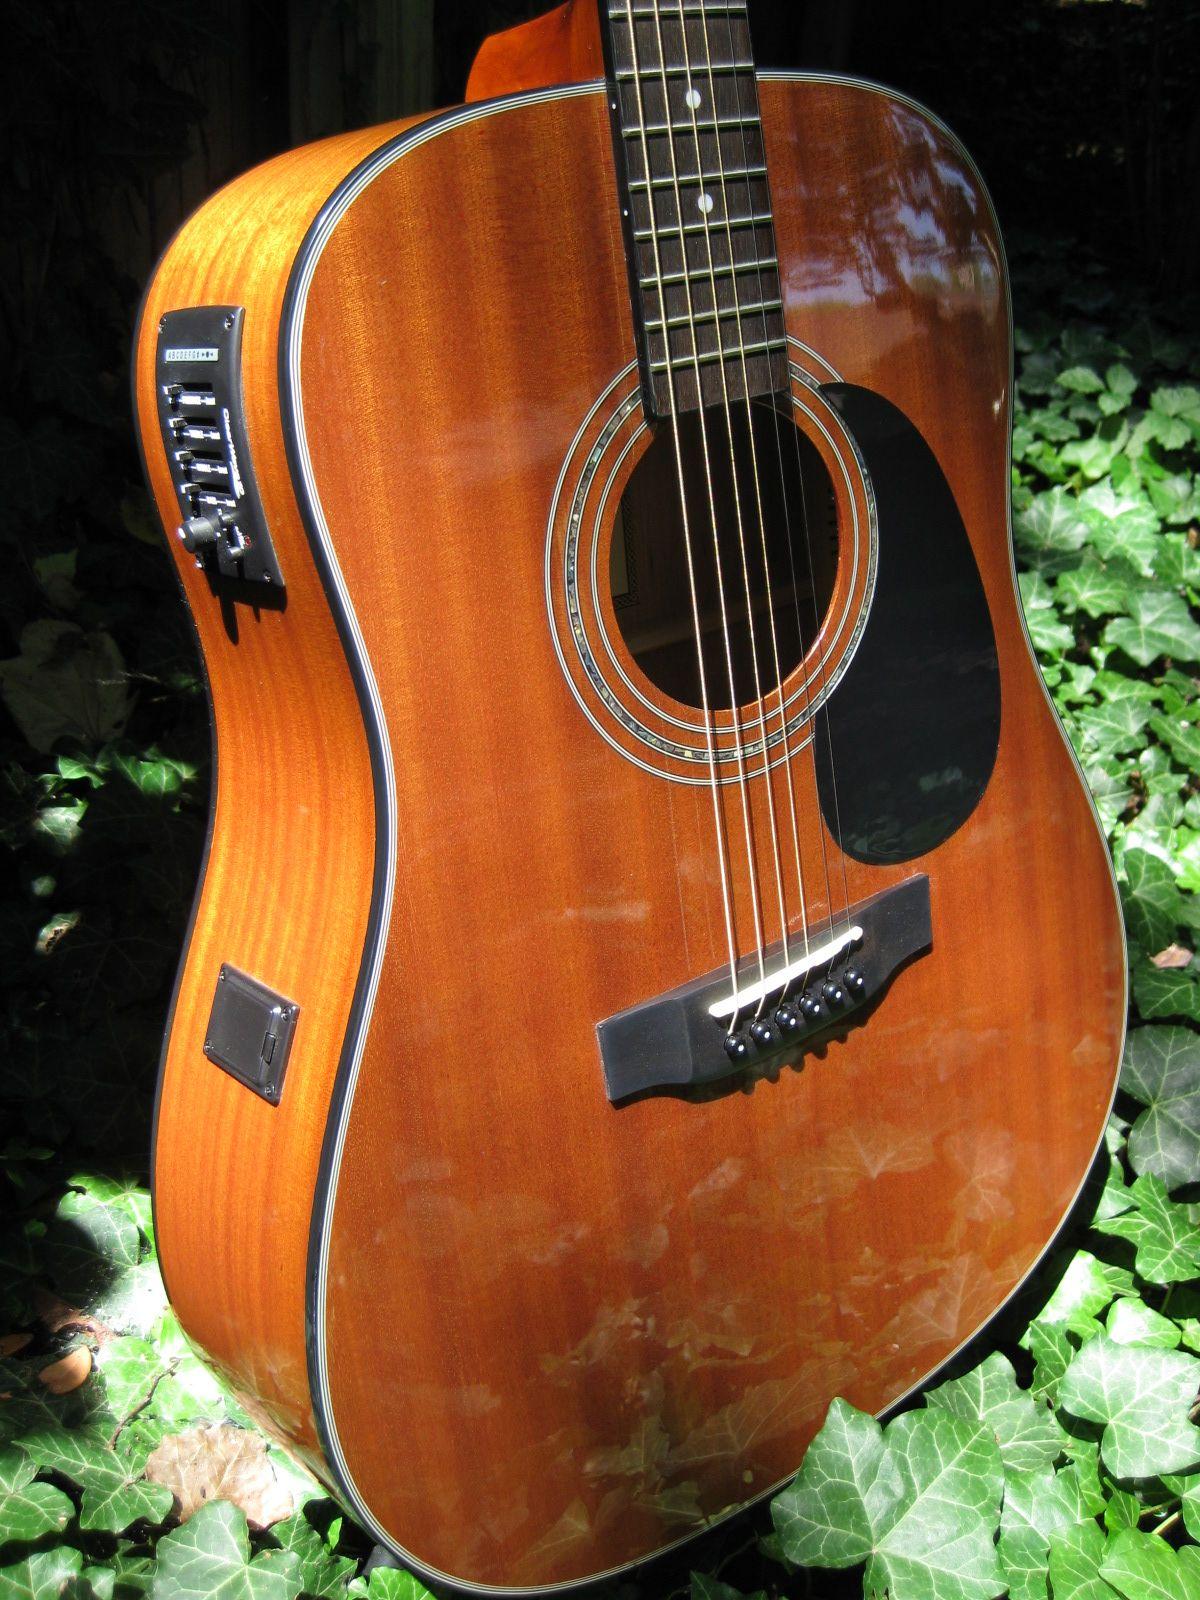 Zager Guitar Reviews Guitar Guitar Reviews Beautiful Guitars